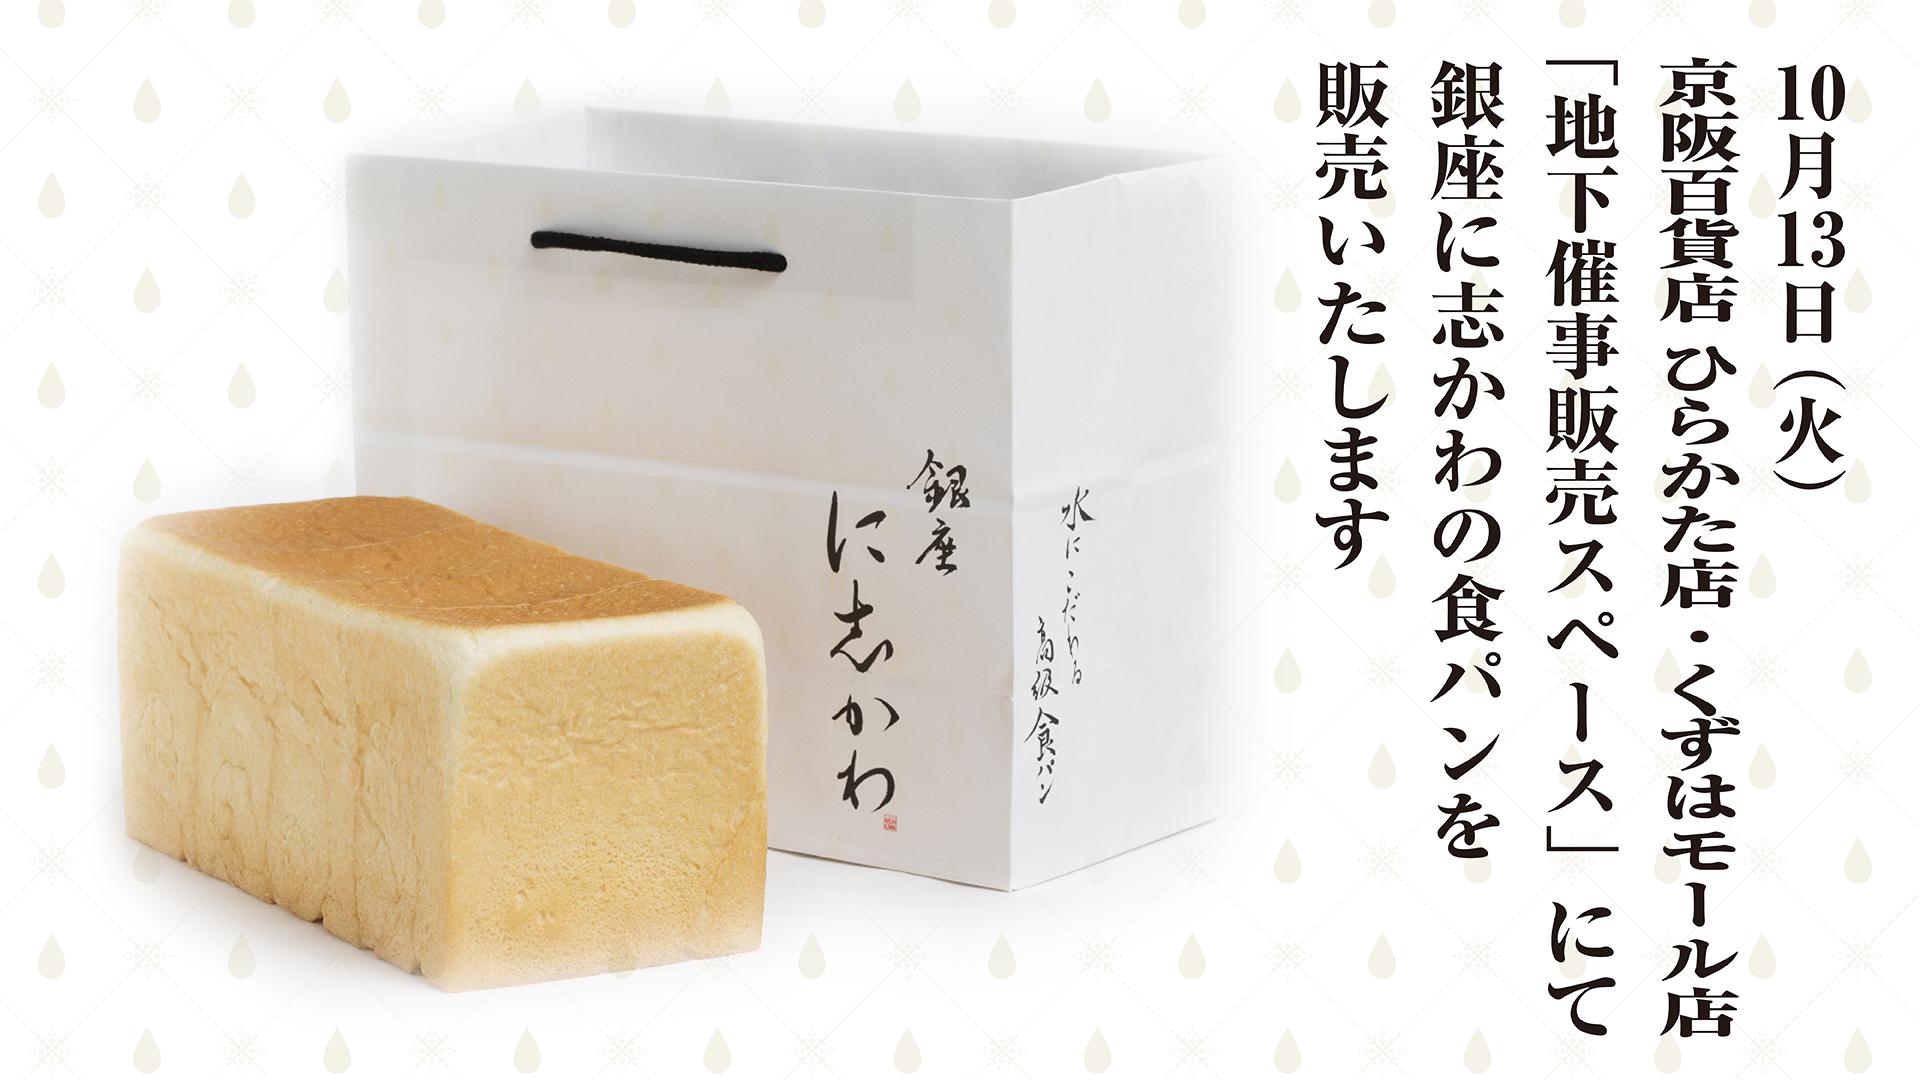 10月13日(火)、京阪百貨店 ひらかた店・くずはモール店 地下催事販売スペースにて銀座に志かわ「水にこだわる高級食パン」を販売いたします